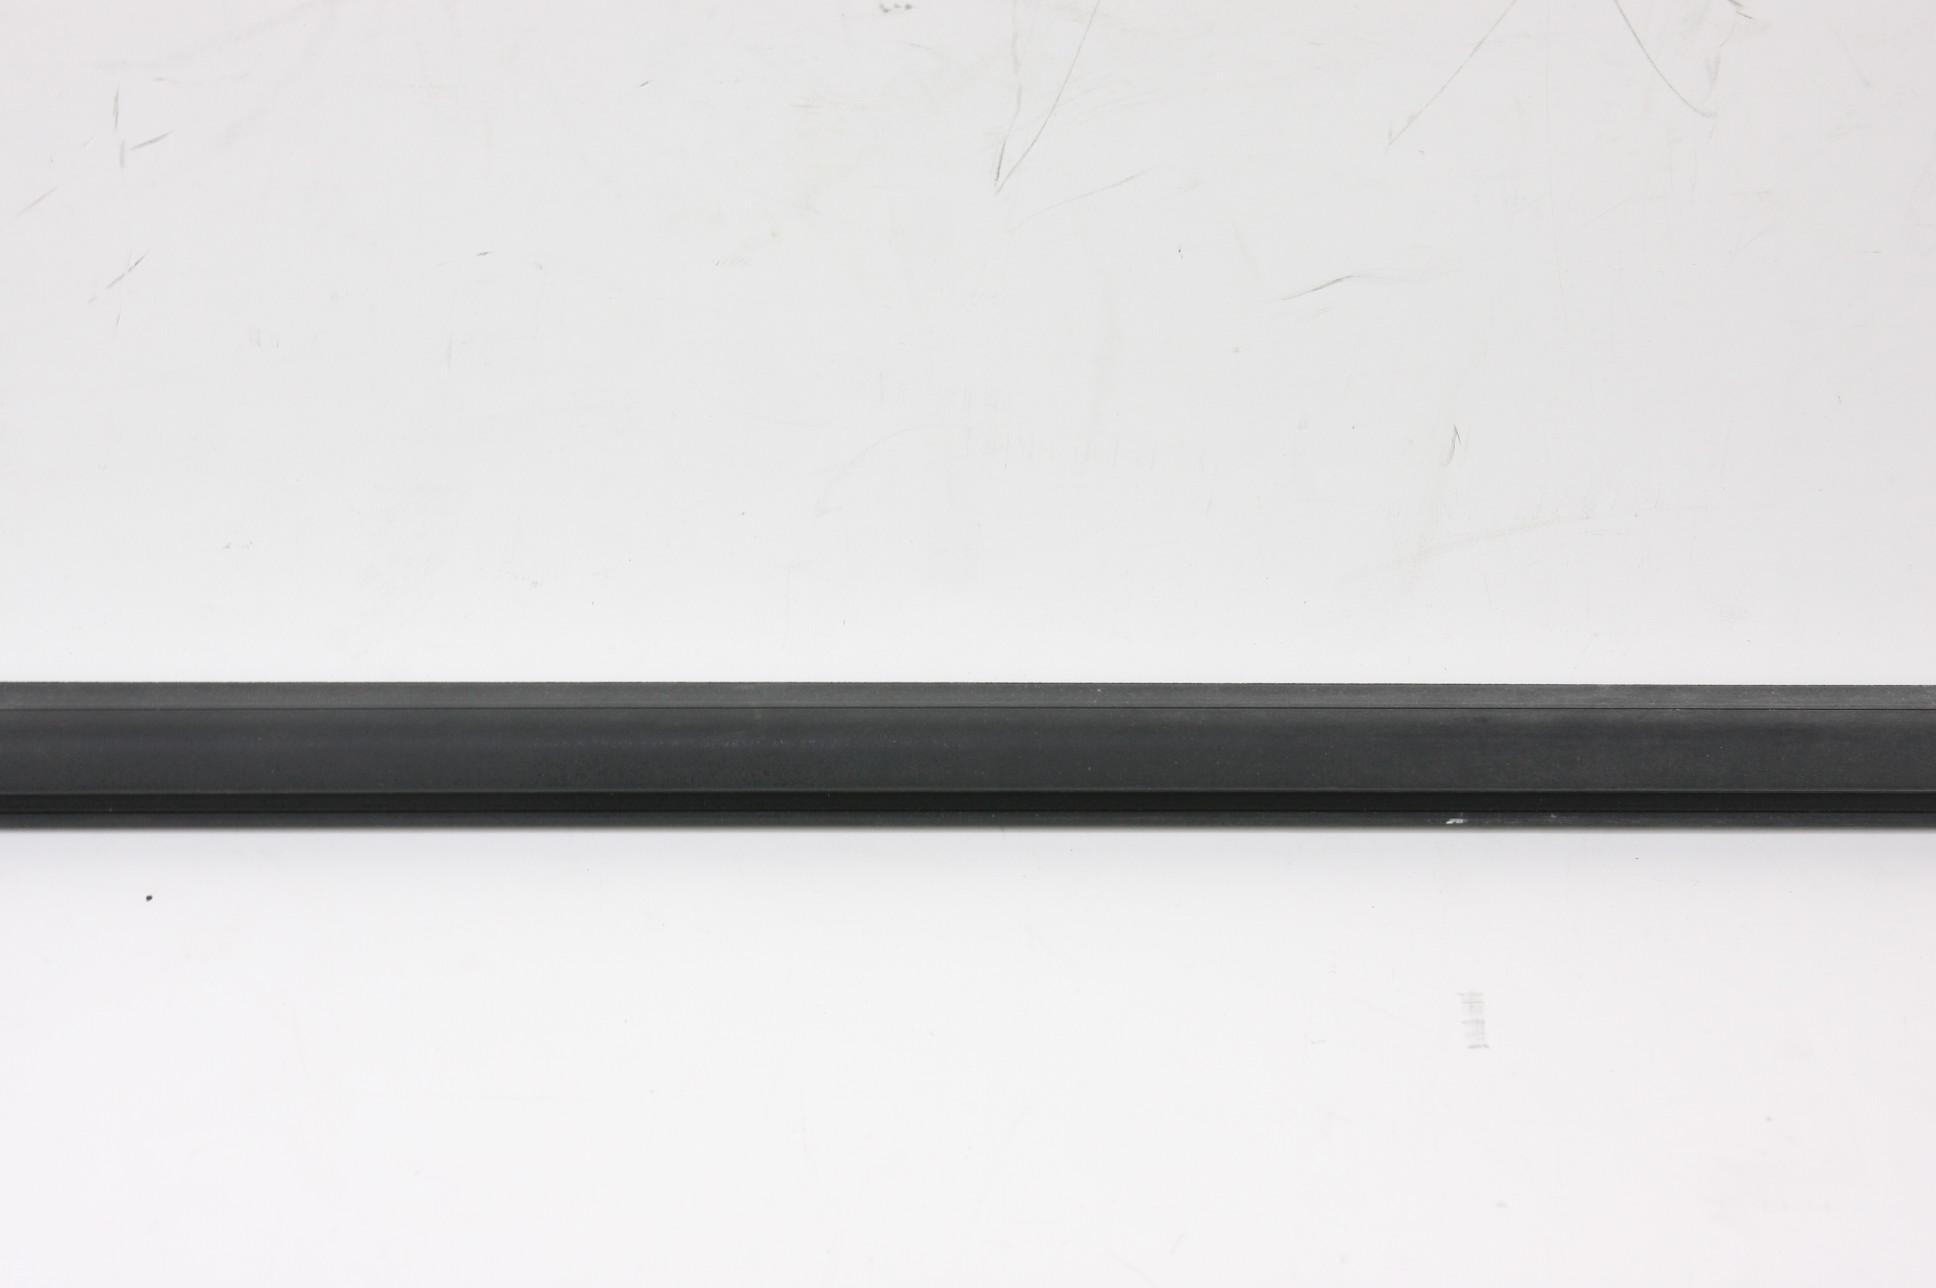 *~ OEM 822103W010 Kia Sportage Door Window Sweep Belt Molding Weatherstrip LH - image 4